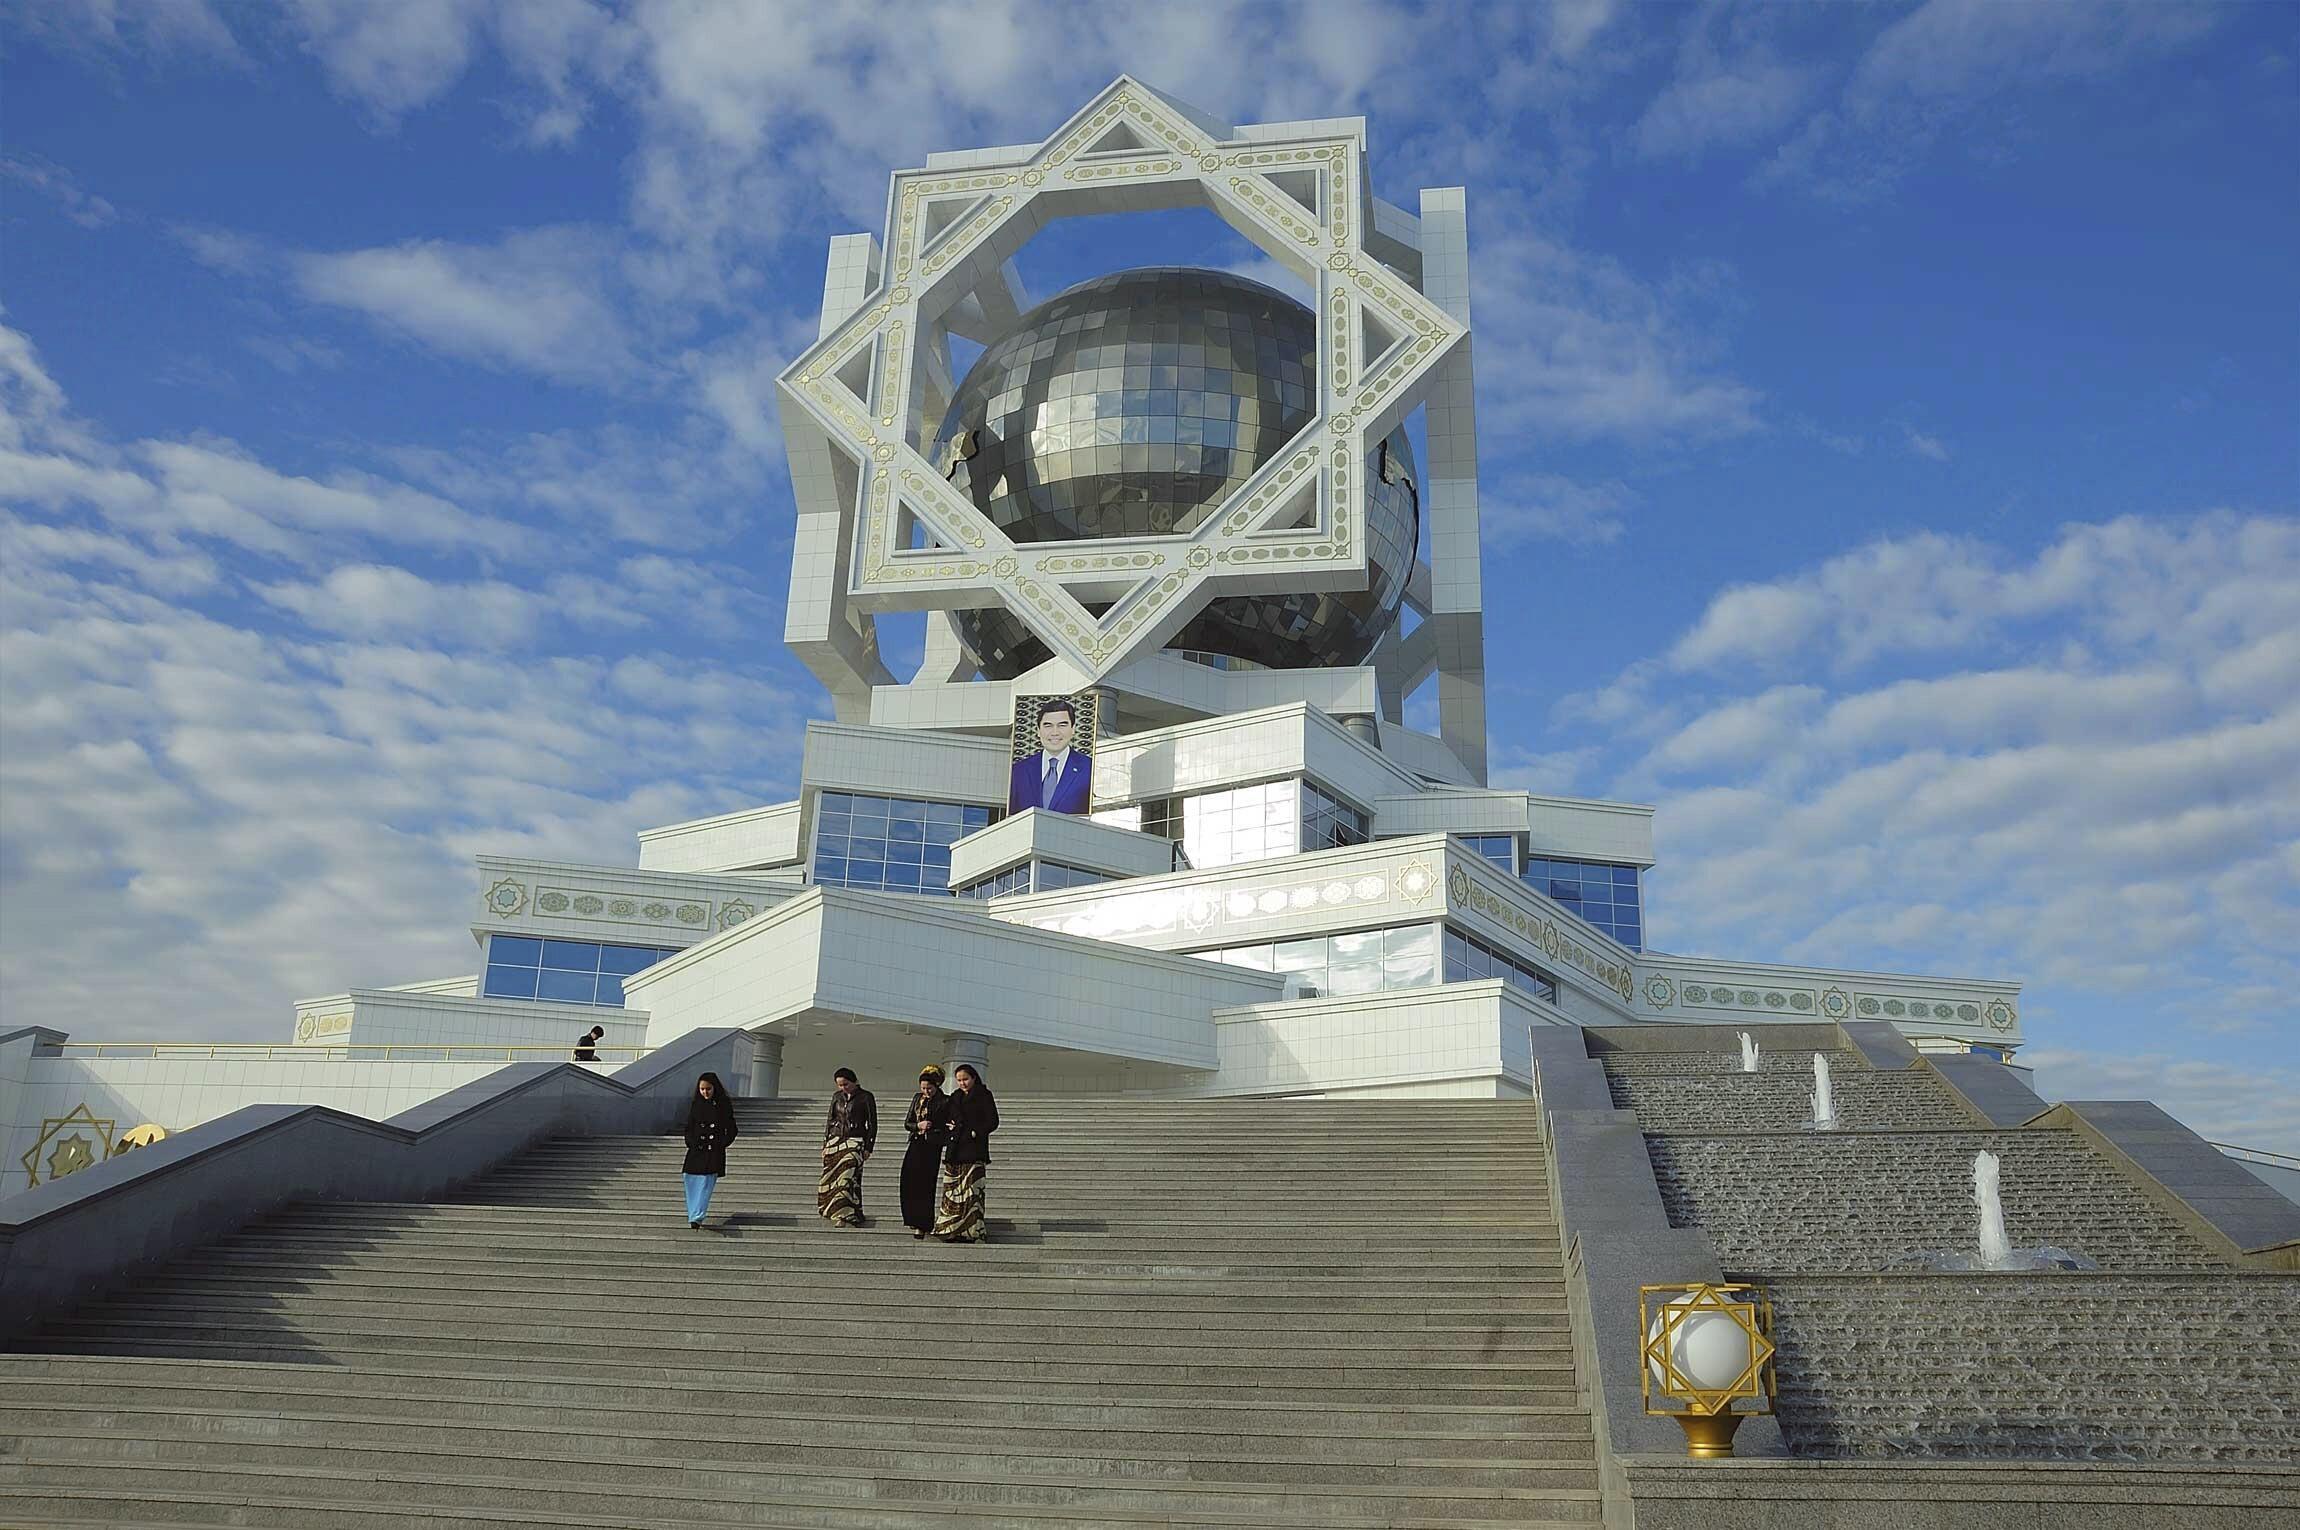 Le Palais du bonheur à Achkhabad, au Turkménistan, où les prisons sont terribles.